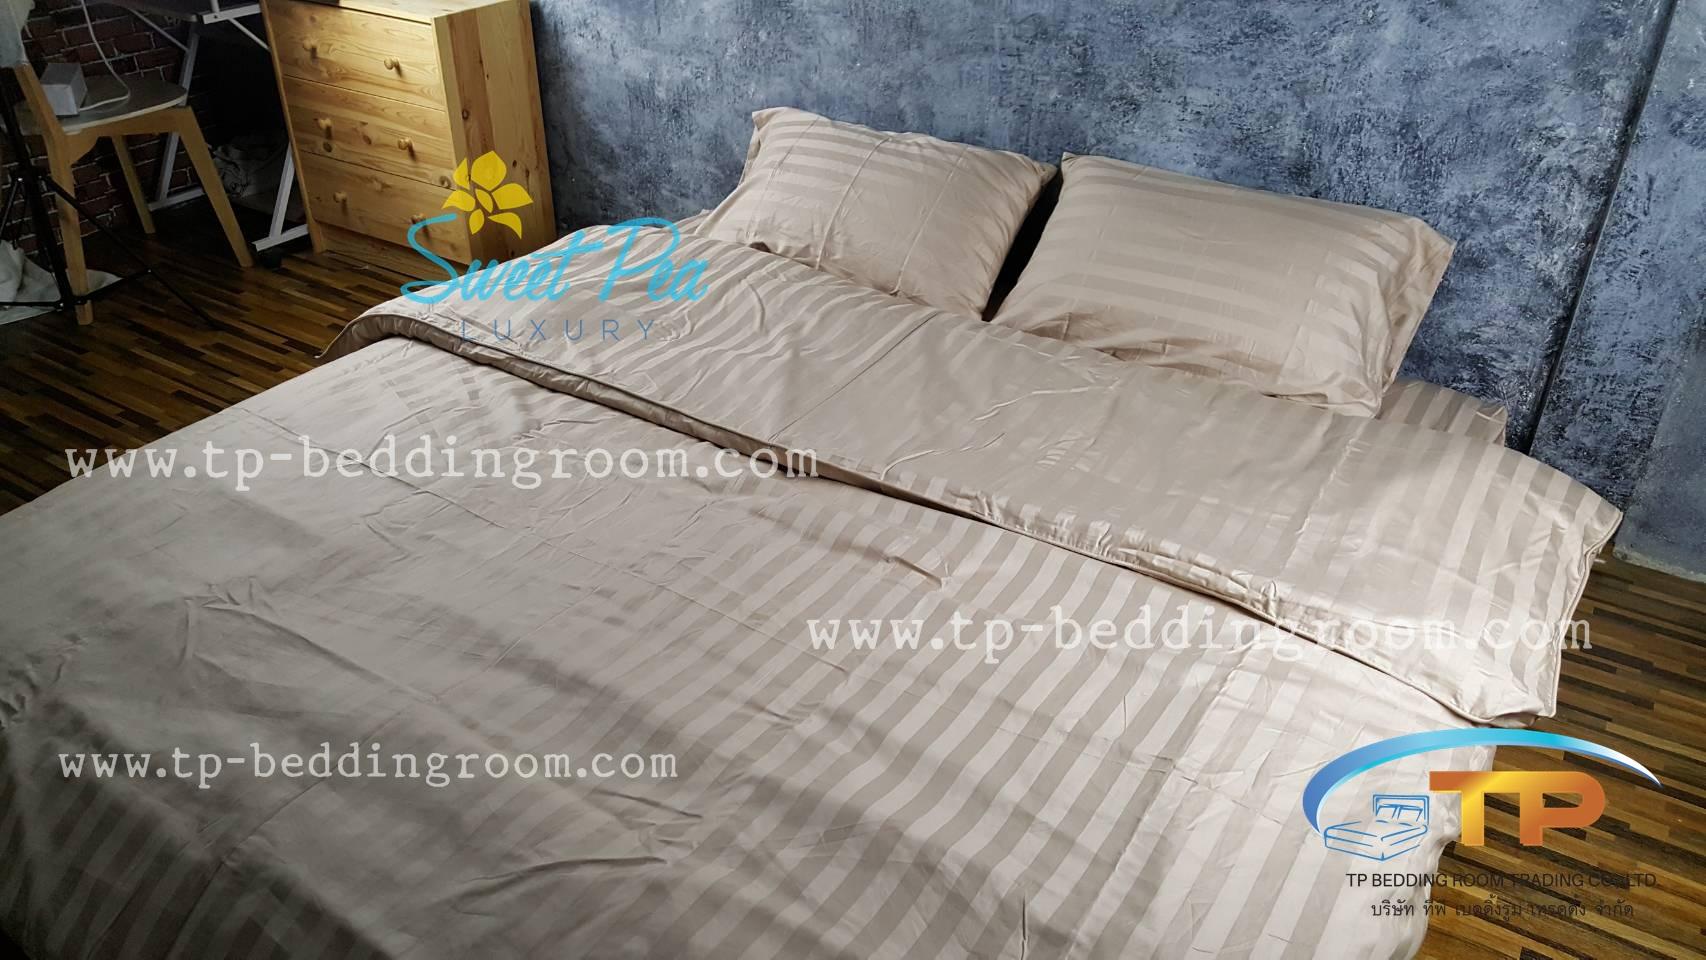 ชุดผ้าปูที่นอนโรงแรมลายริ้ว 6 ฟุต (5 ชิ้น) สีโอวัลติล